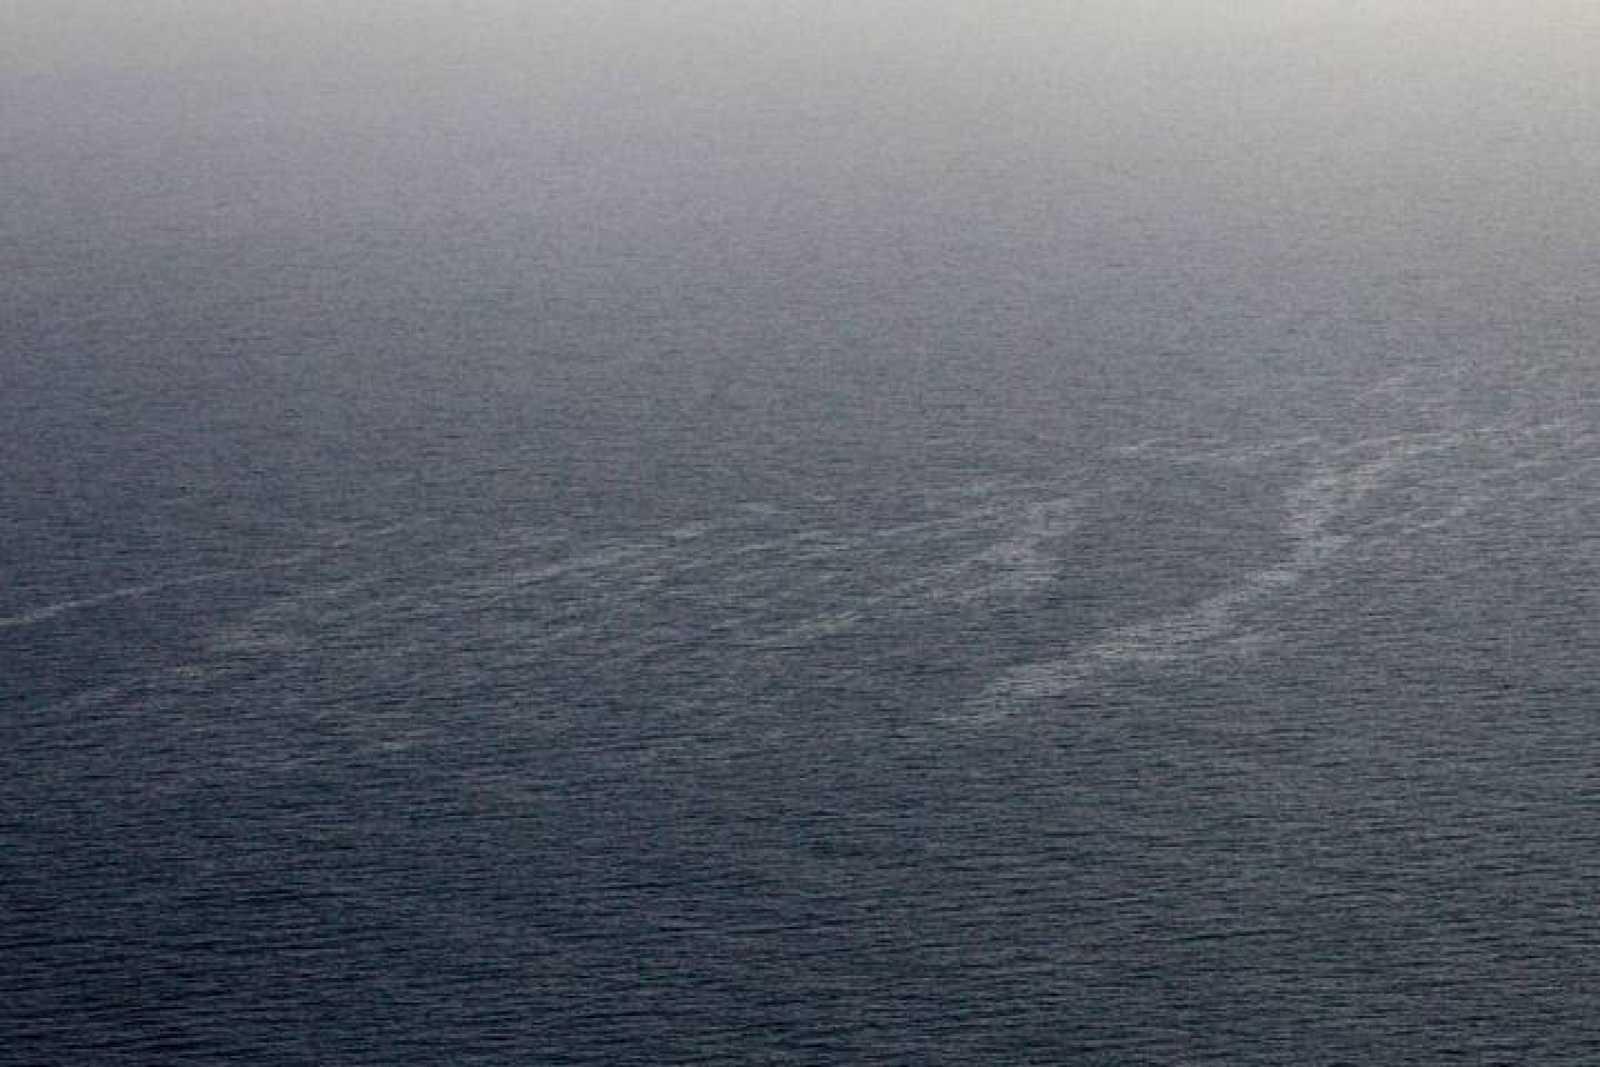 Imagen aérea del derrame de hidrocarburos en la costa de Córcega